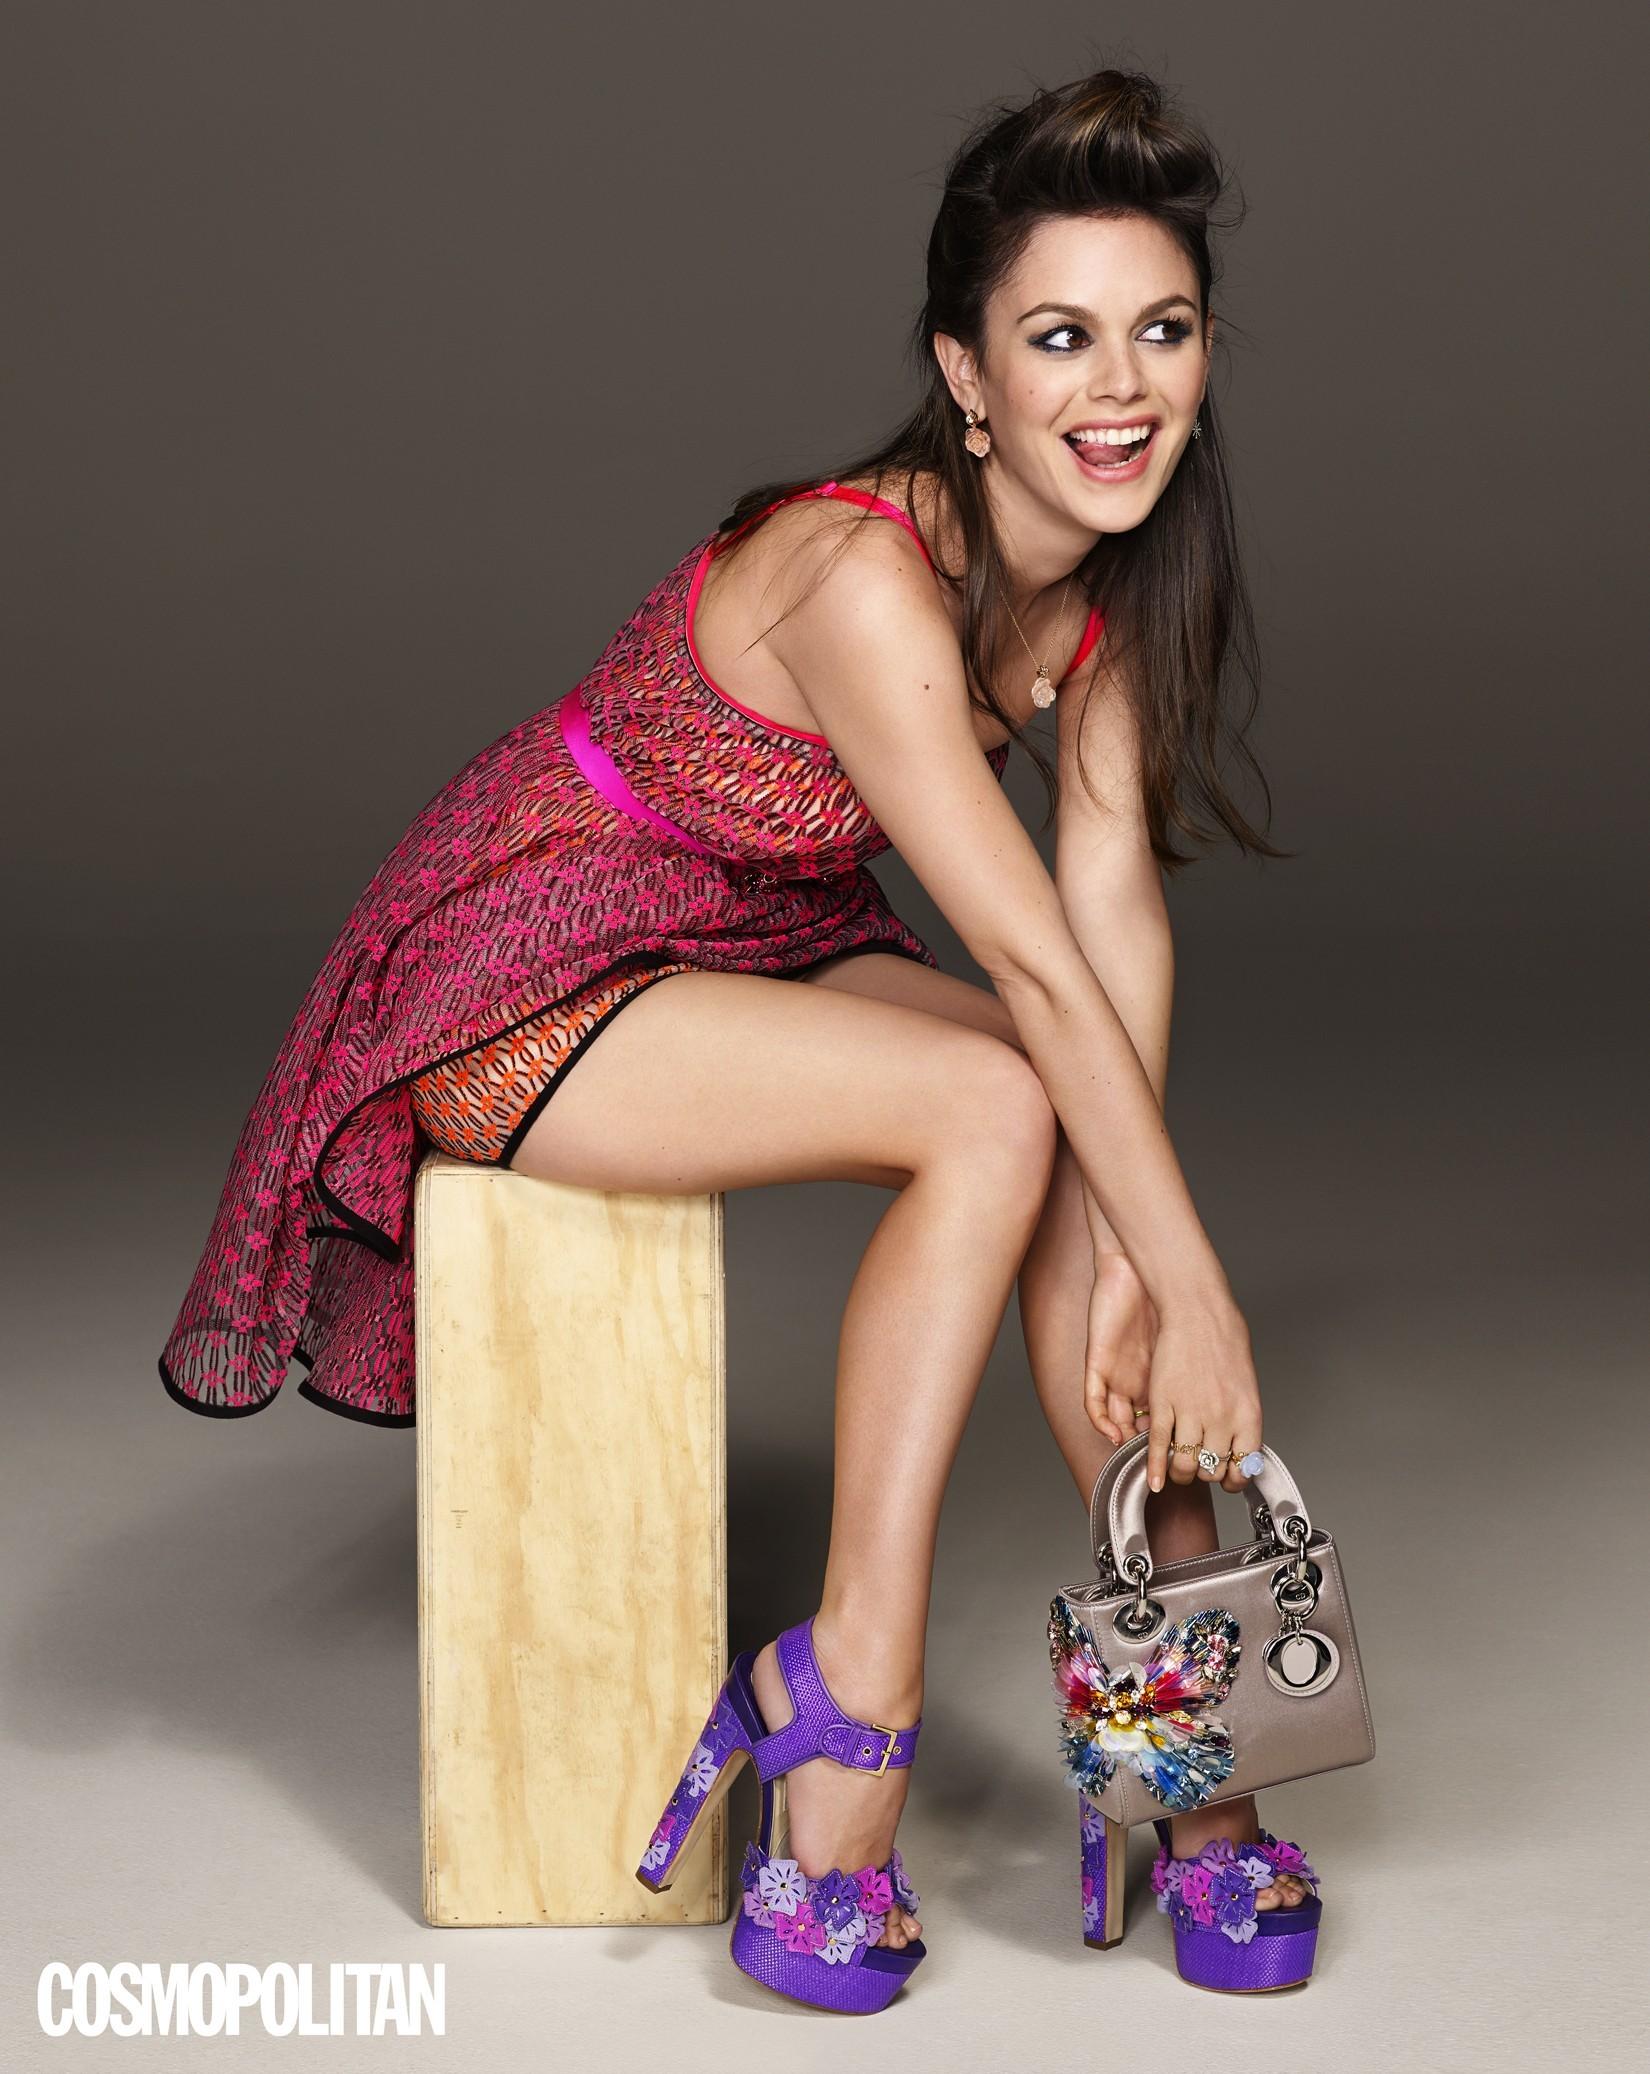 Rachel Bilson cosmopolitan magenta dress purple heels